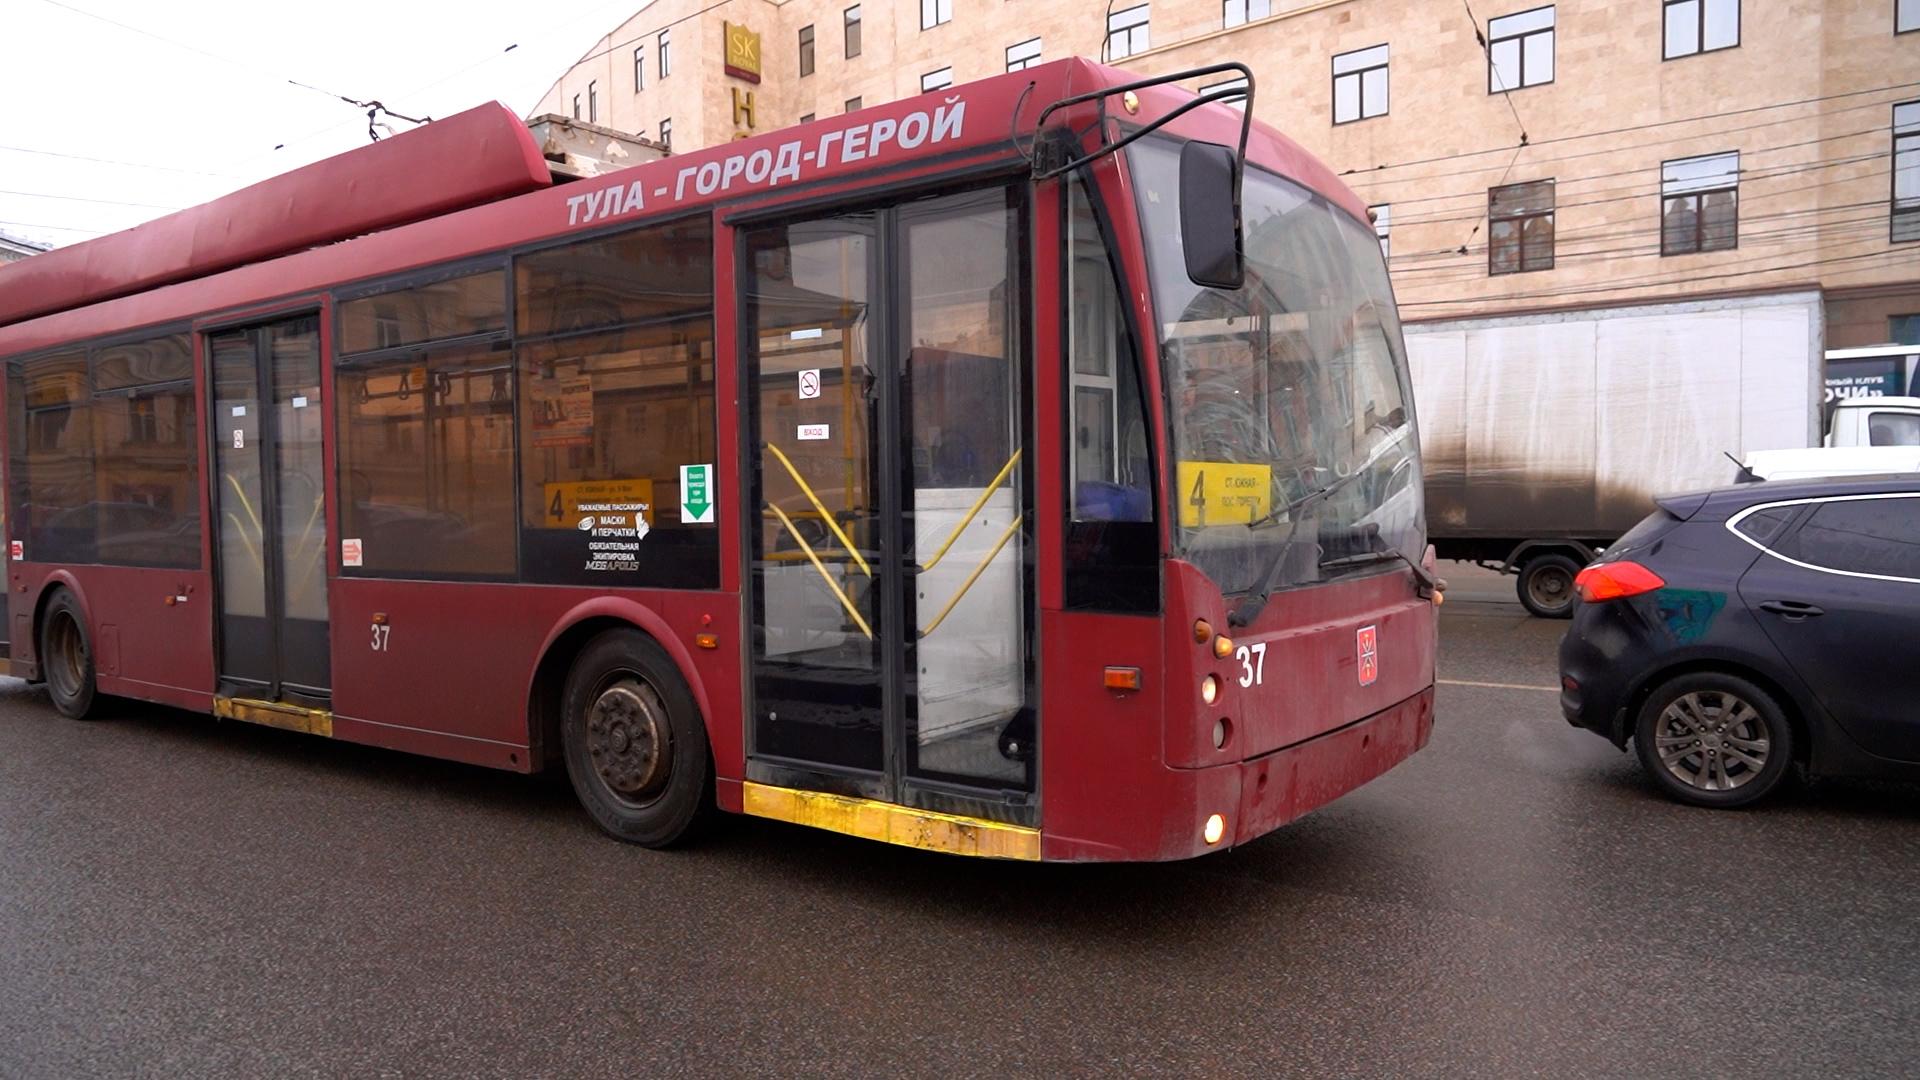 Когда в Туле начнет действовать новая схема перевозок